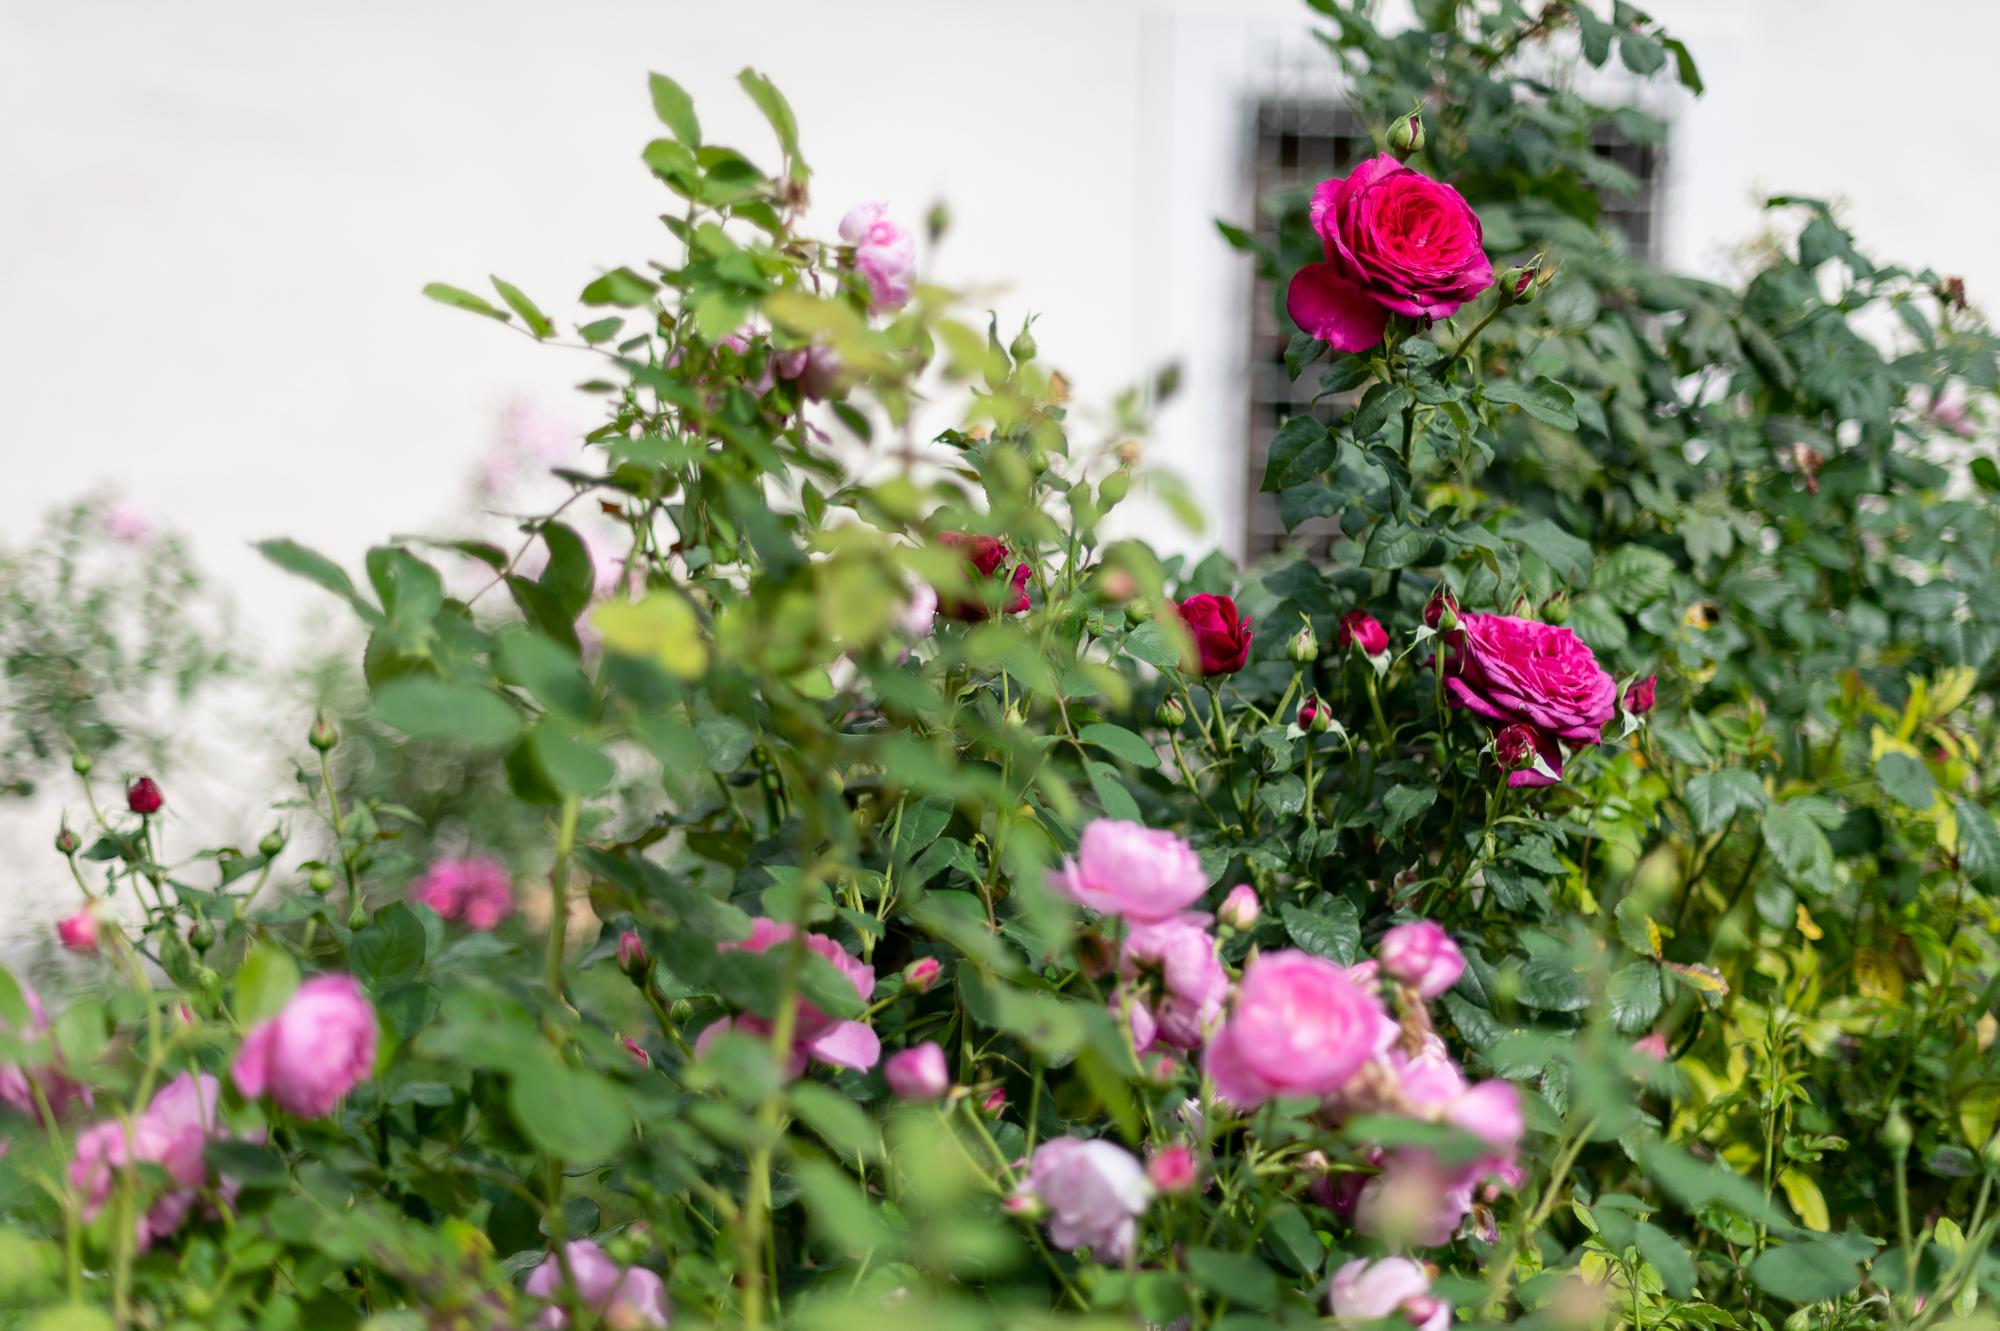 Rožės saulėje.